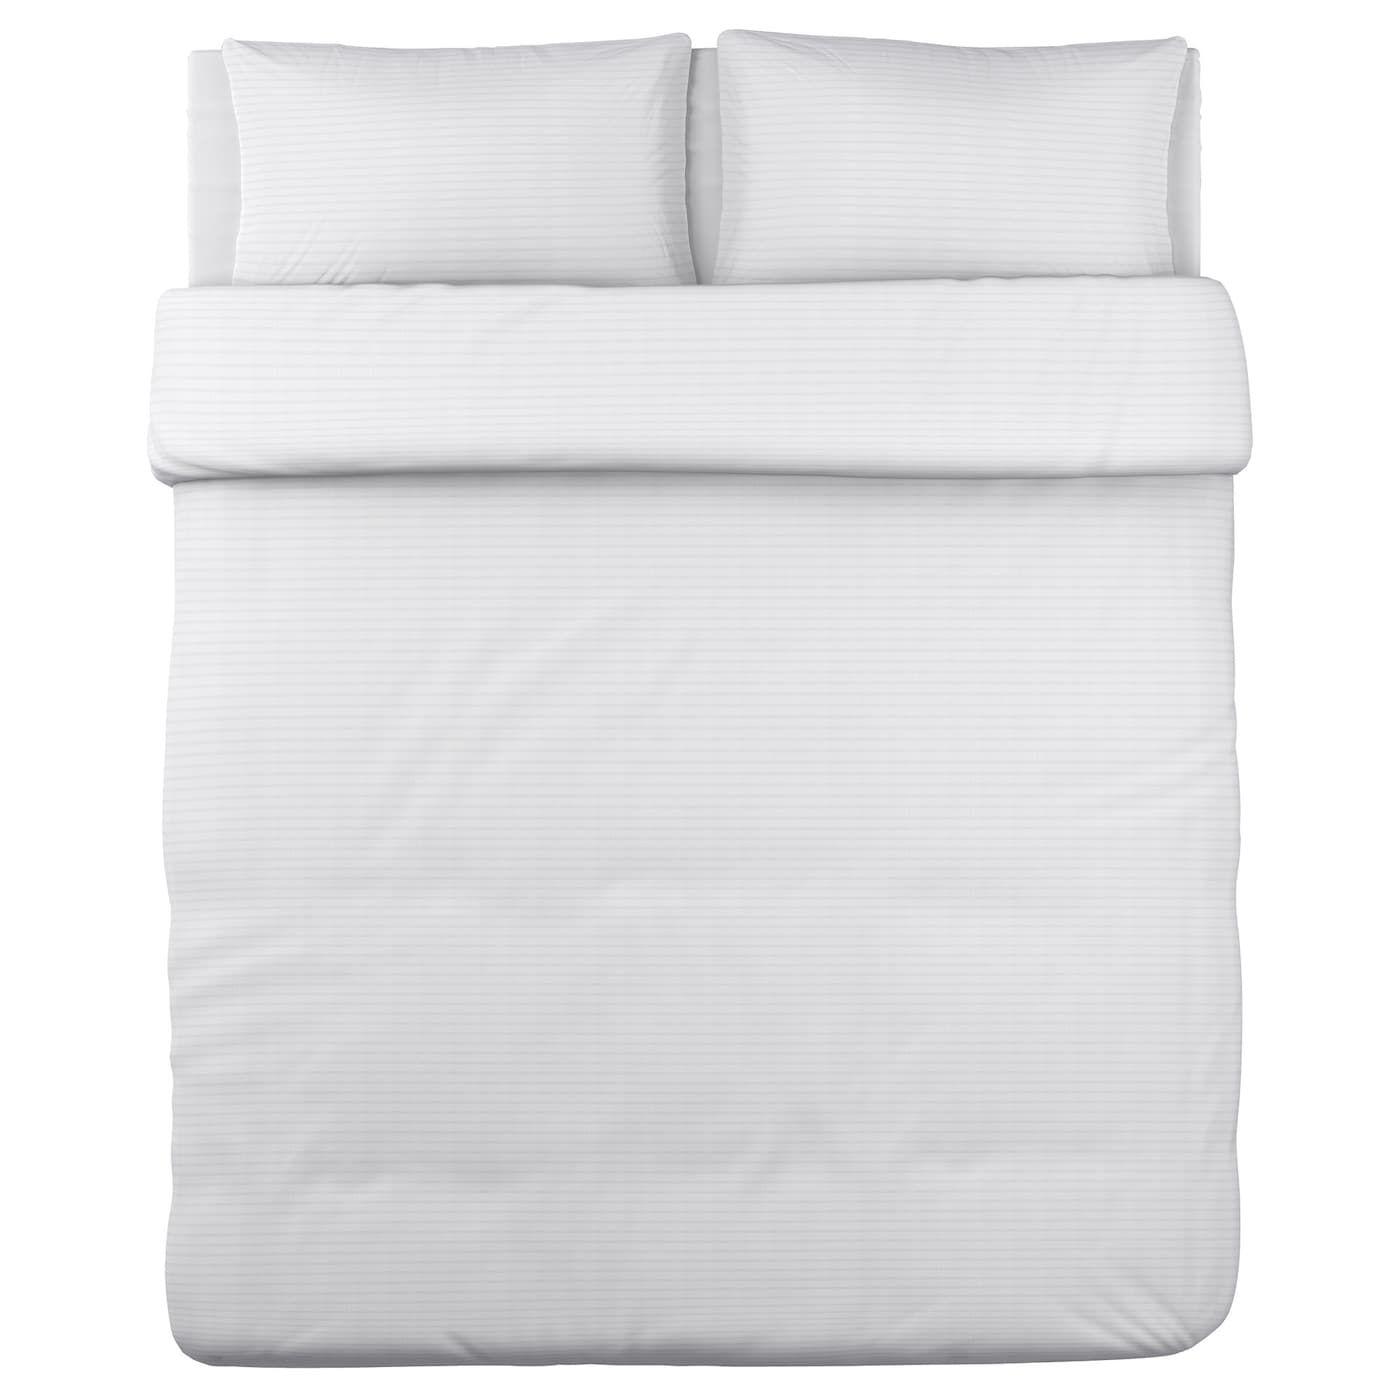 Ofelia Vass Duvet Cover And Pillowcase S White King Ikea Housse De Couette Ensemble Housse De Couette Literie Blanche